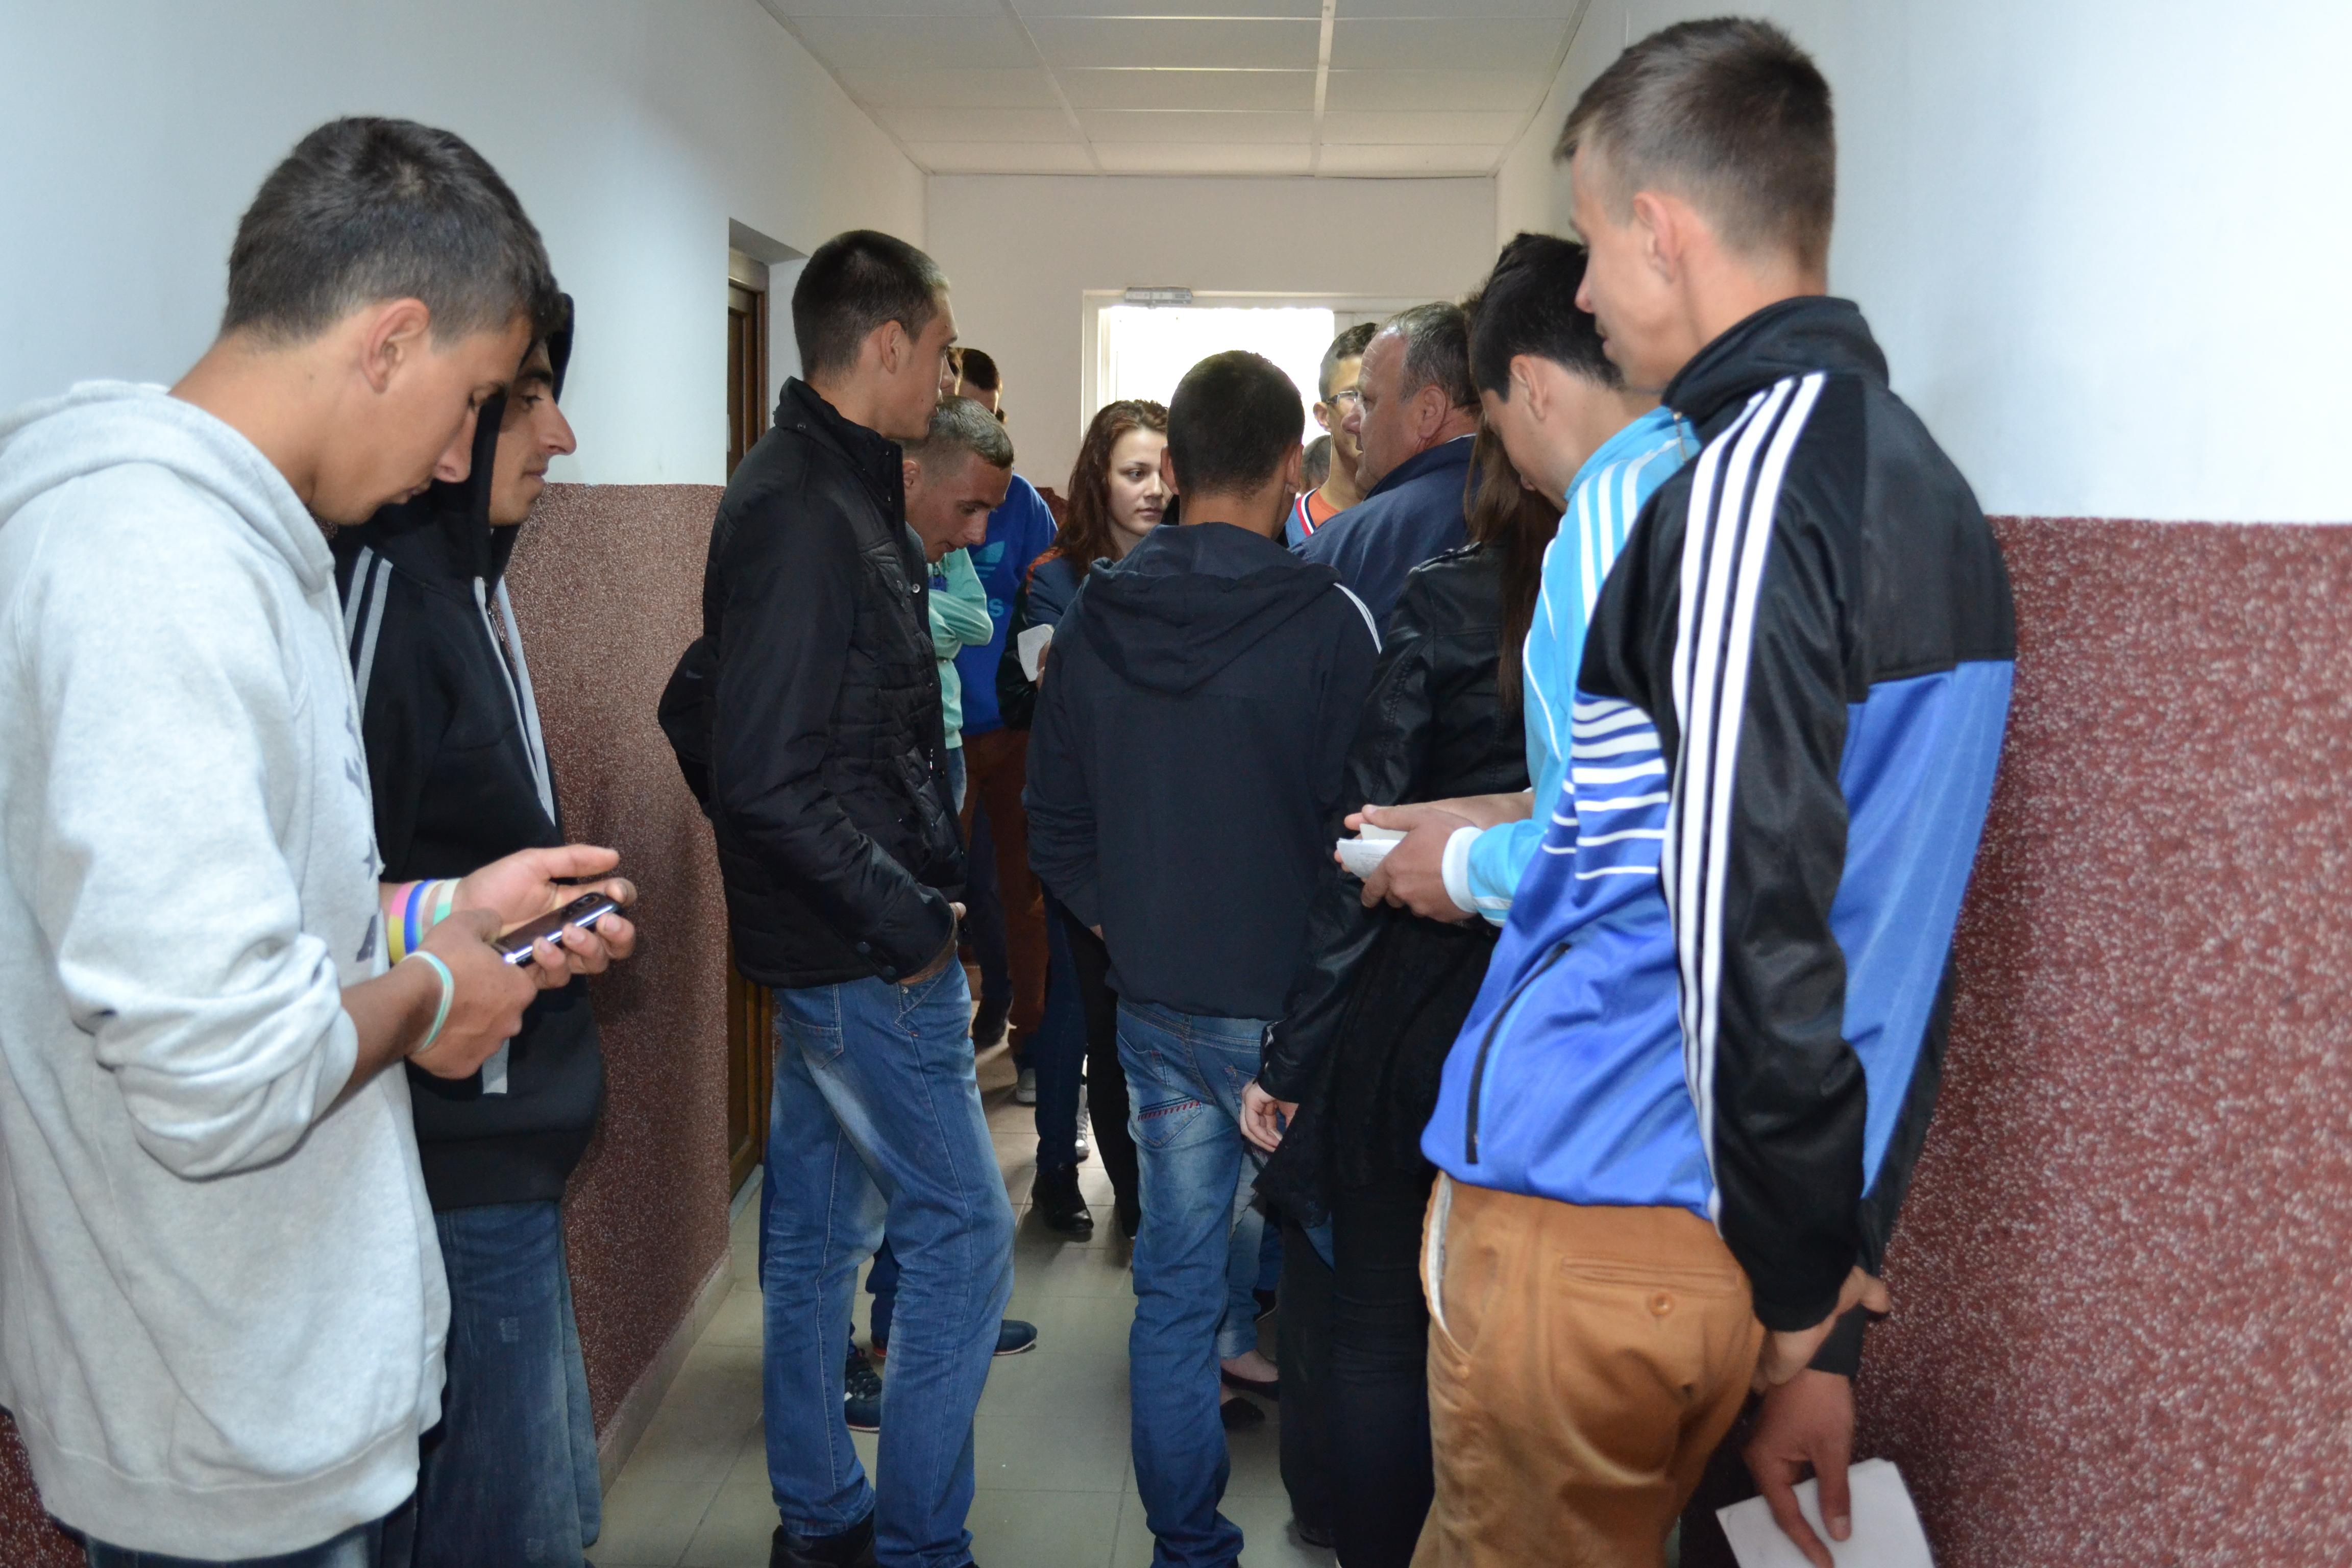 495 suceveni selectați în vederea angajării, la Bursa locurilor de muncă pentru absolvenți